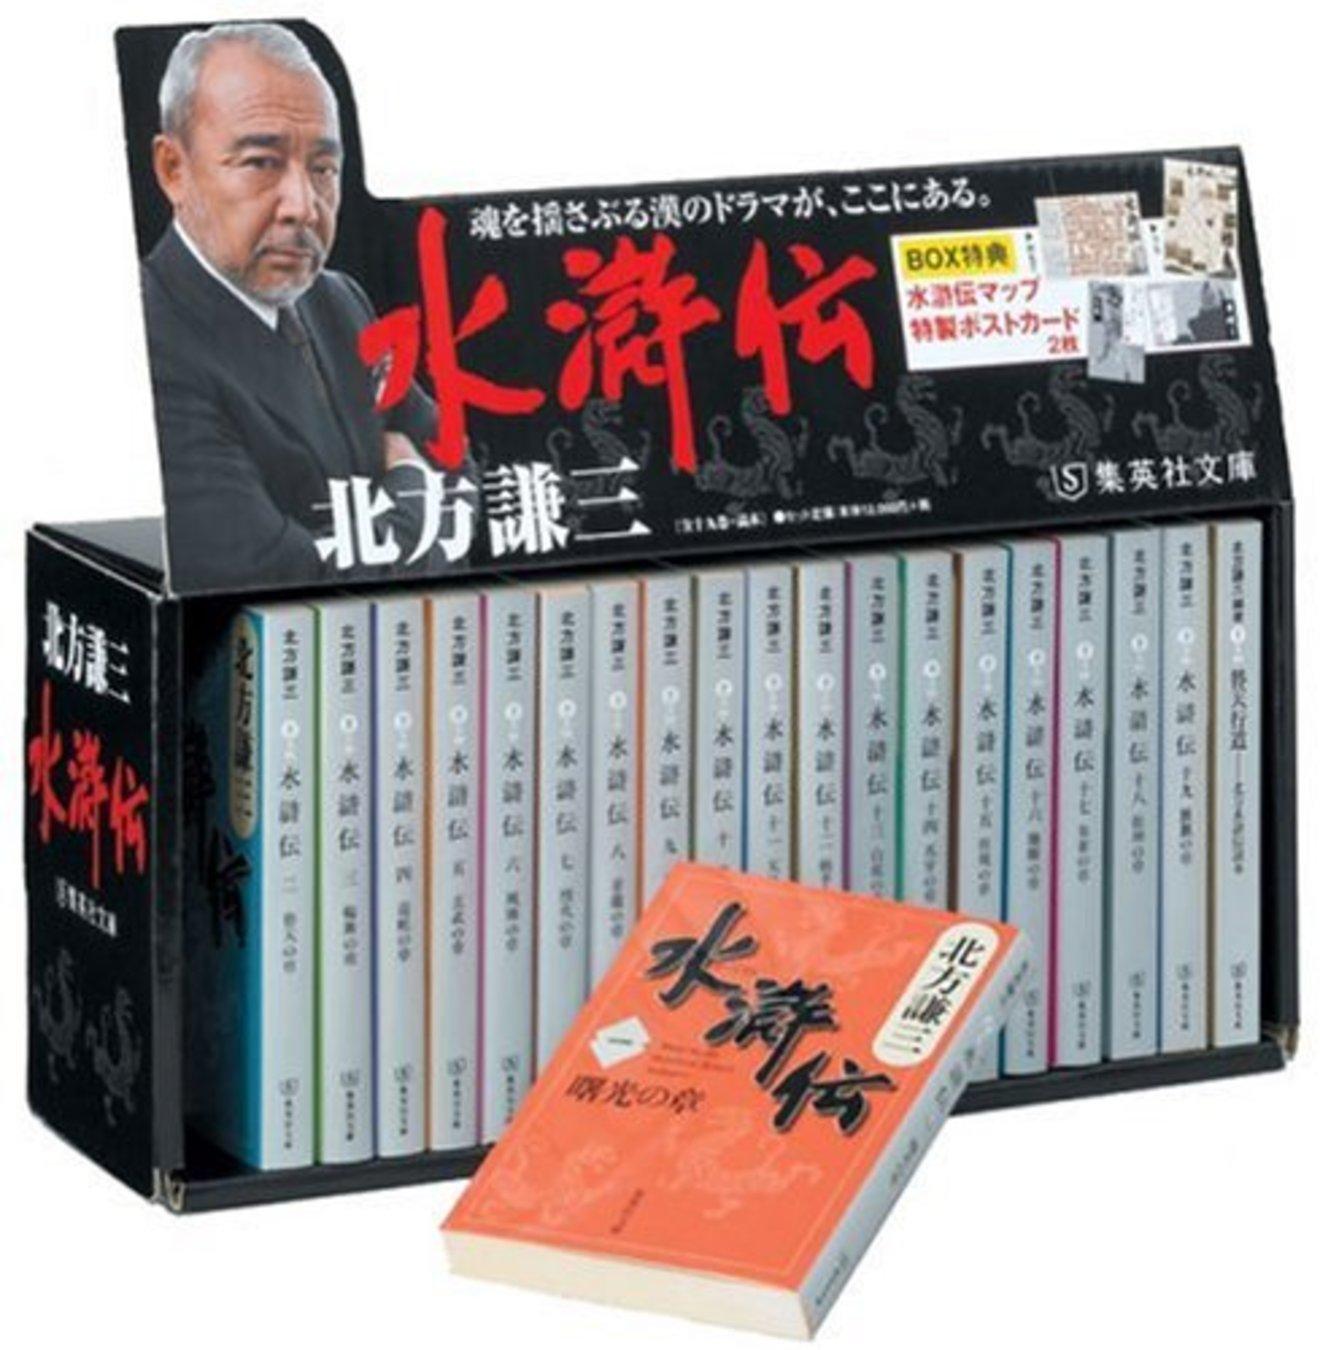 『水滸伝』の最強の登場人物ランキングベスト10!北方謙三の歴史大作小説